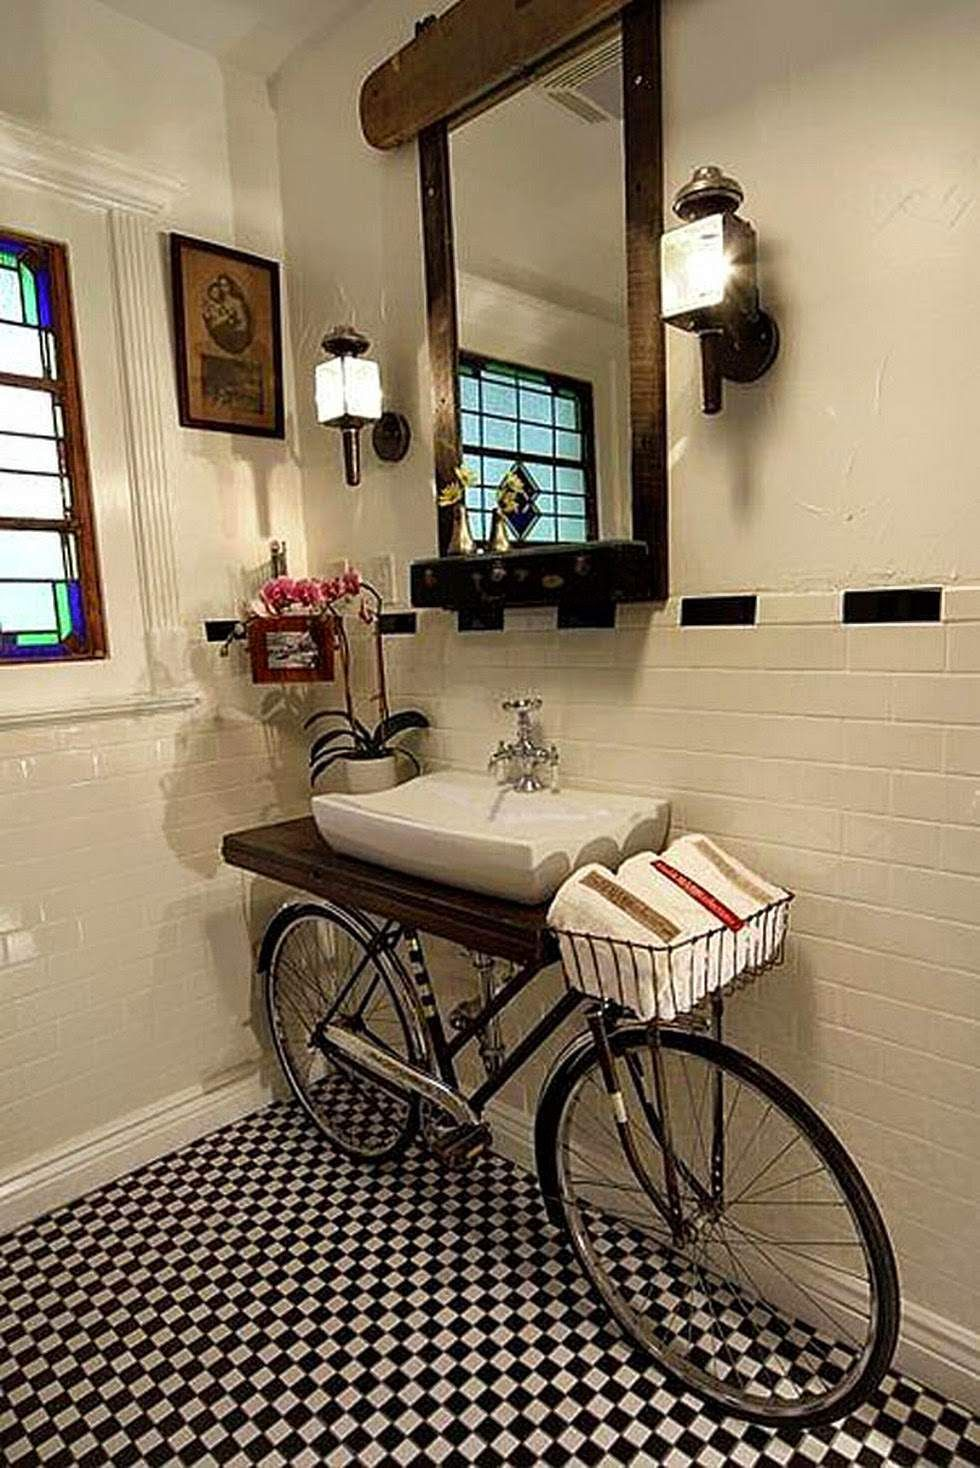 Una cómoda en el baño. Como decorar el baño con muebles recuperados y pintados. Nuestro mayor espacio de intimidad se renueva con pintura.